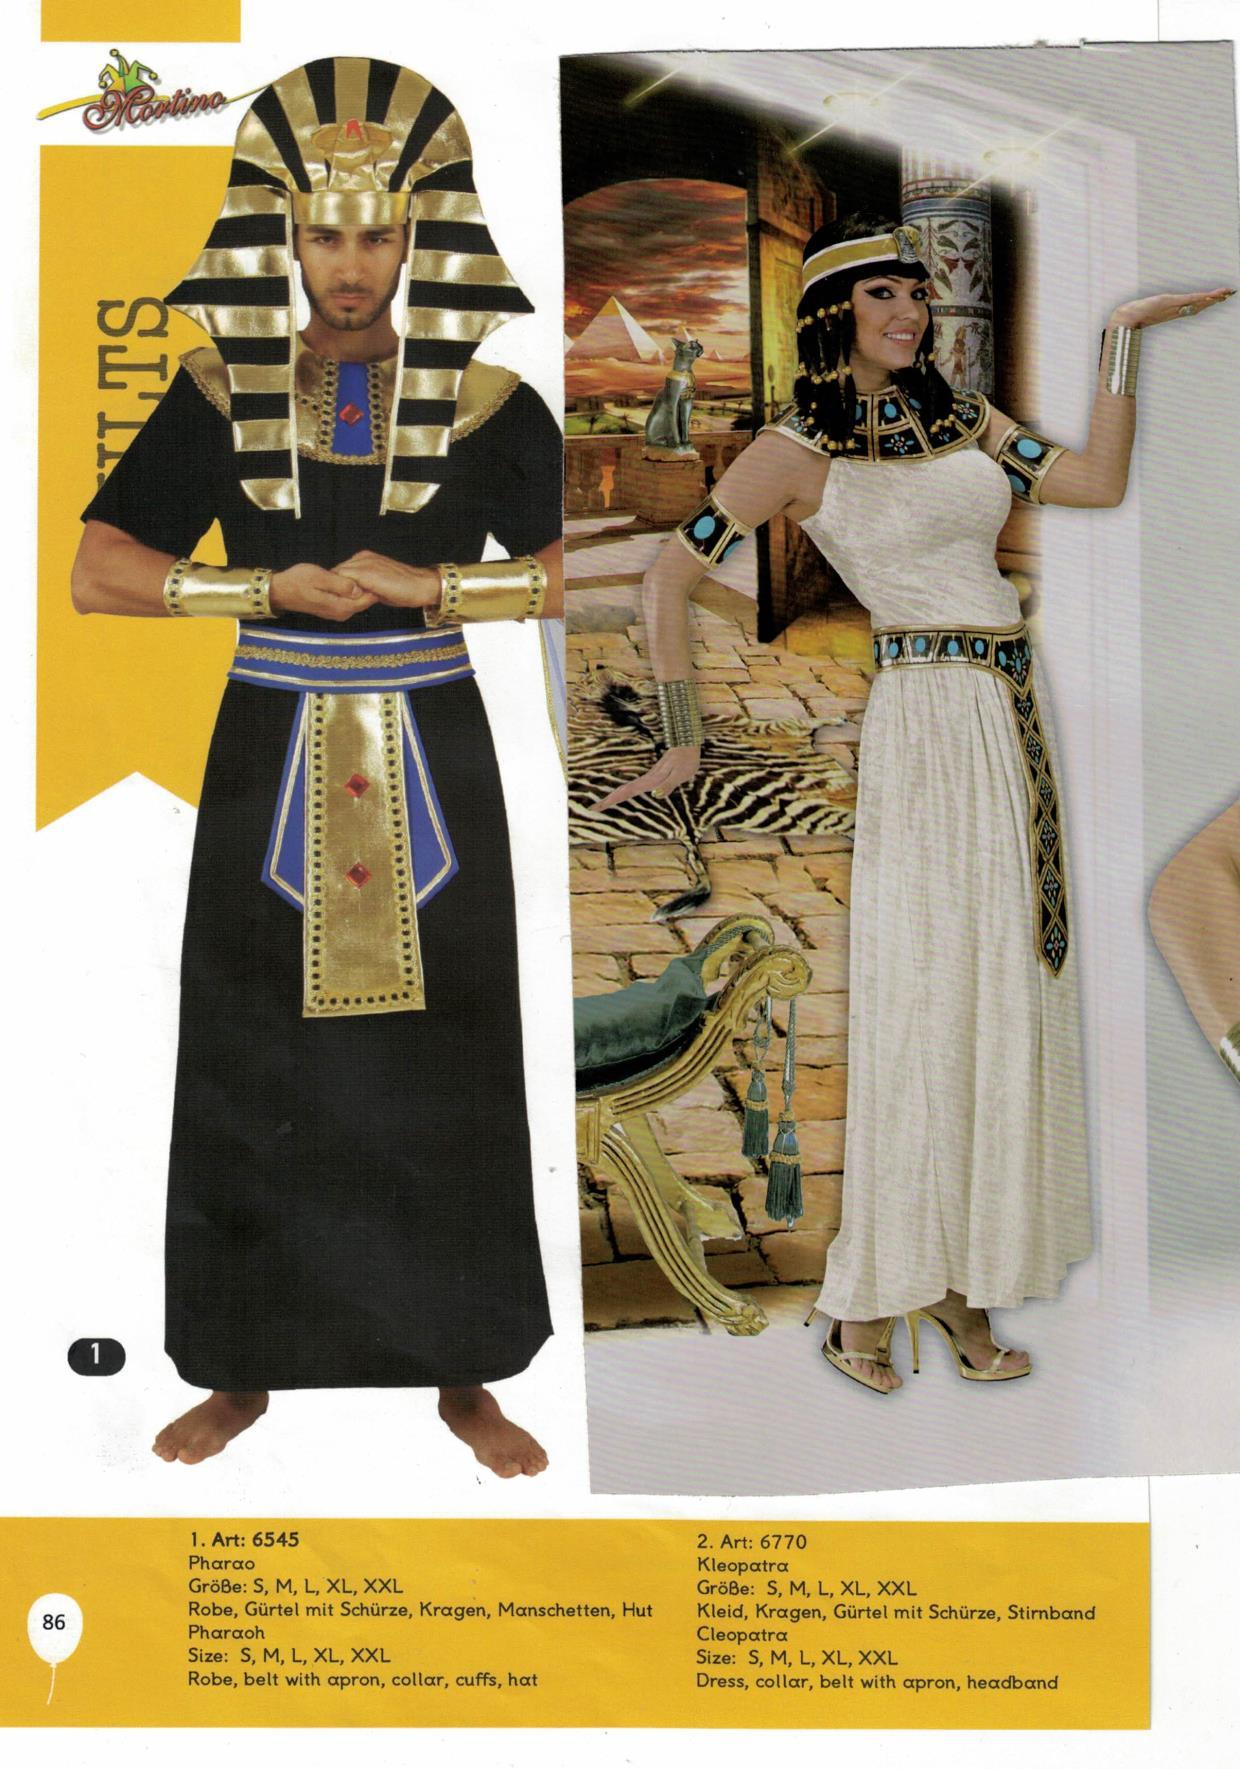 Noleggio vestiti da Egiziani Adulti UD | Noleggio vestiti da Egiziani Adulti PN | Noleggio vestiti da Egiziani Adulti San Vito al Tagliamento